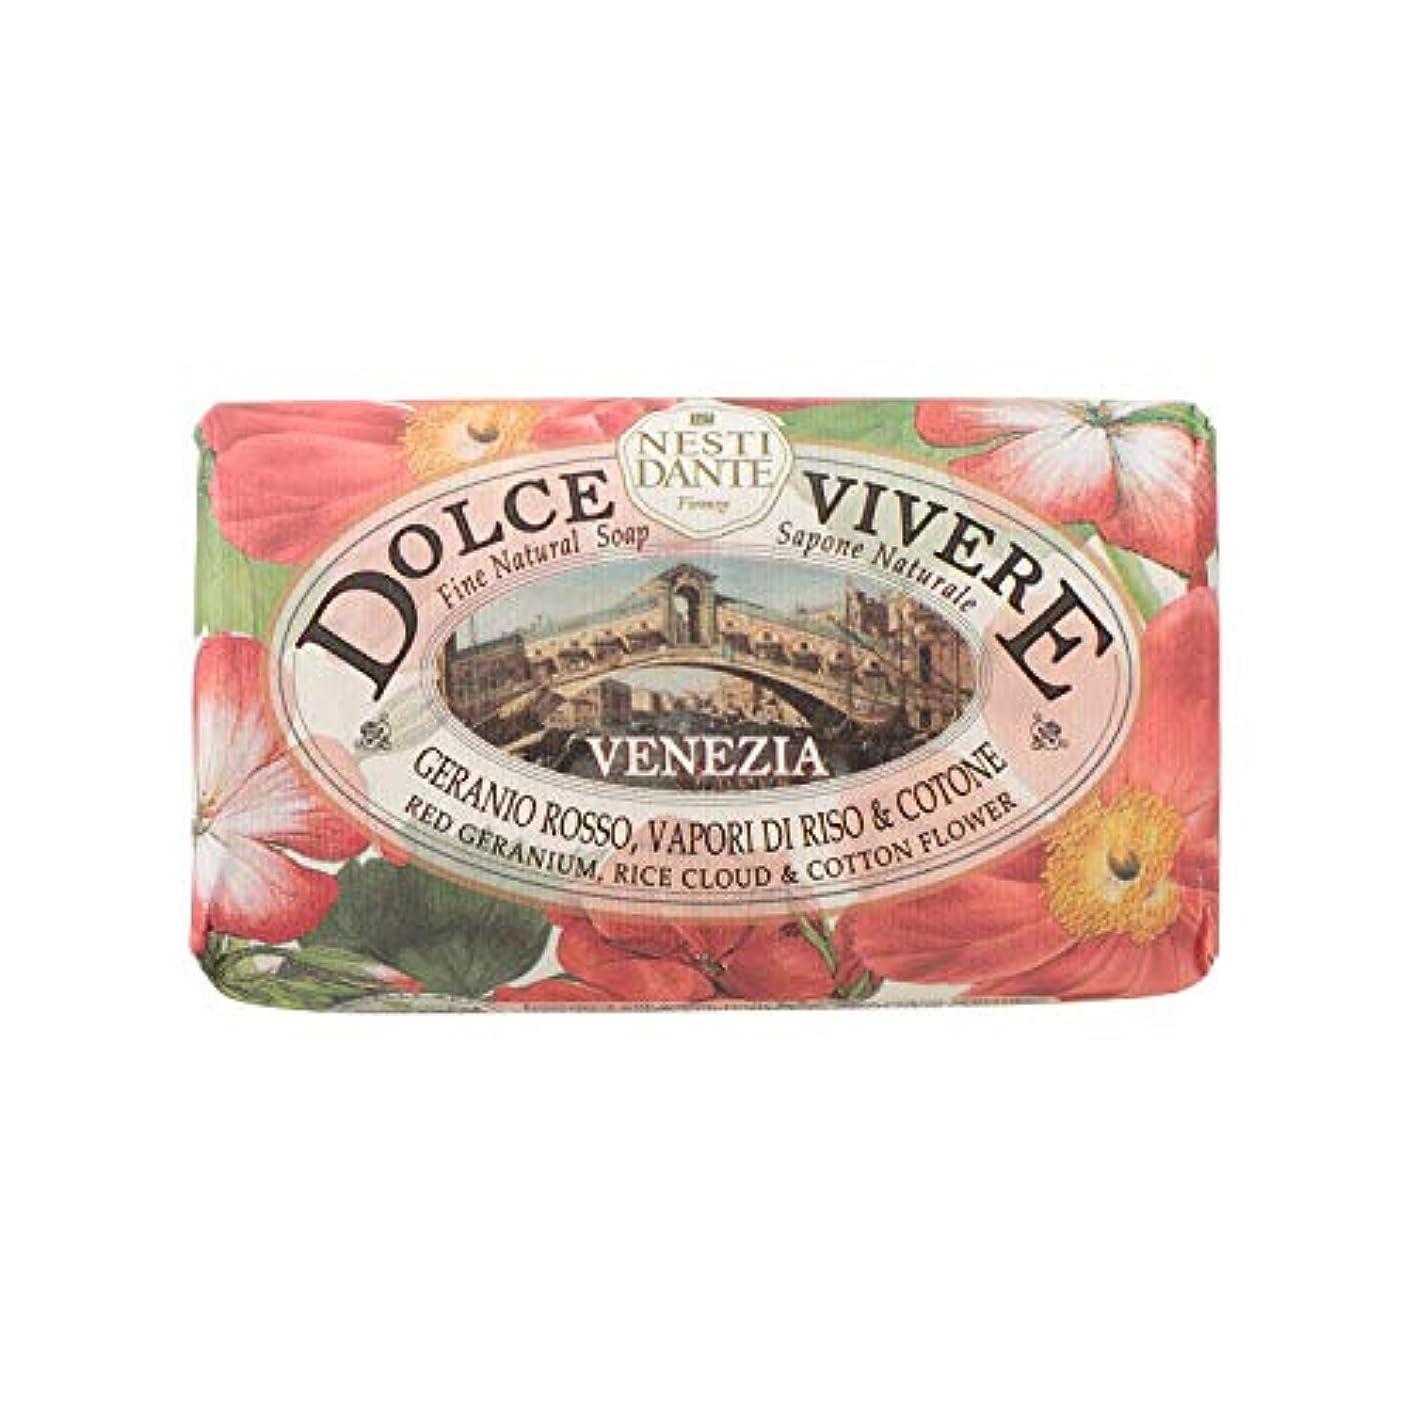 要塞机古代Nesti Dante ネスティダンテ ドルチェヴィーベレソープ ヴェネツィア 250g